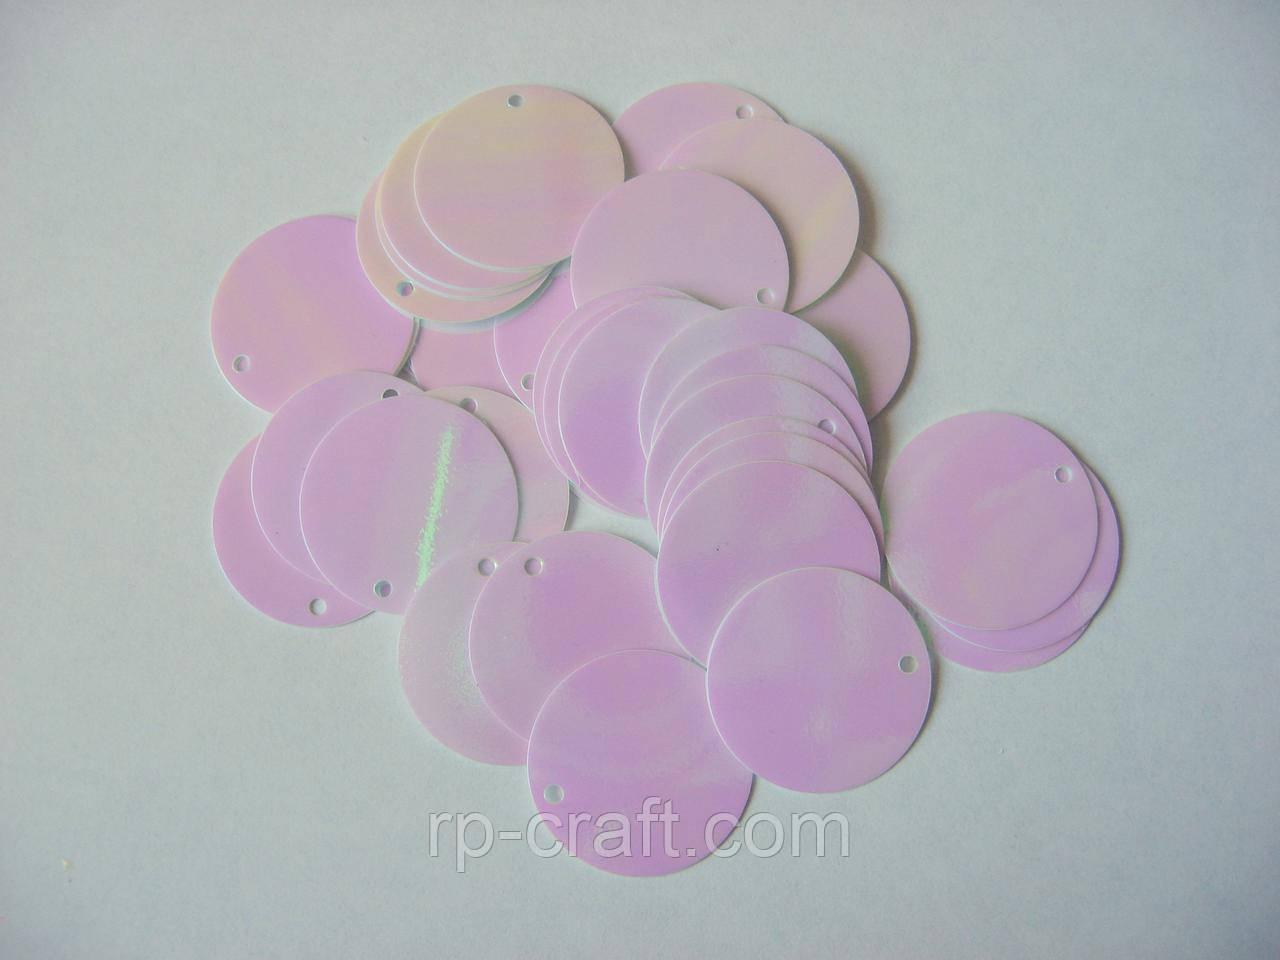 Упаковка пайеток. Плоские, круглые, 19 мм, 5 грамм, белые